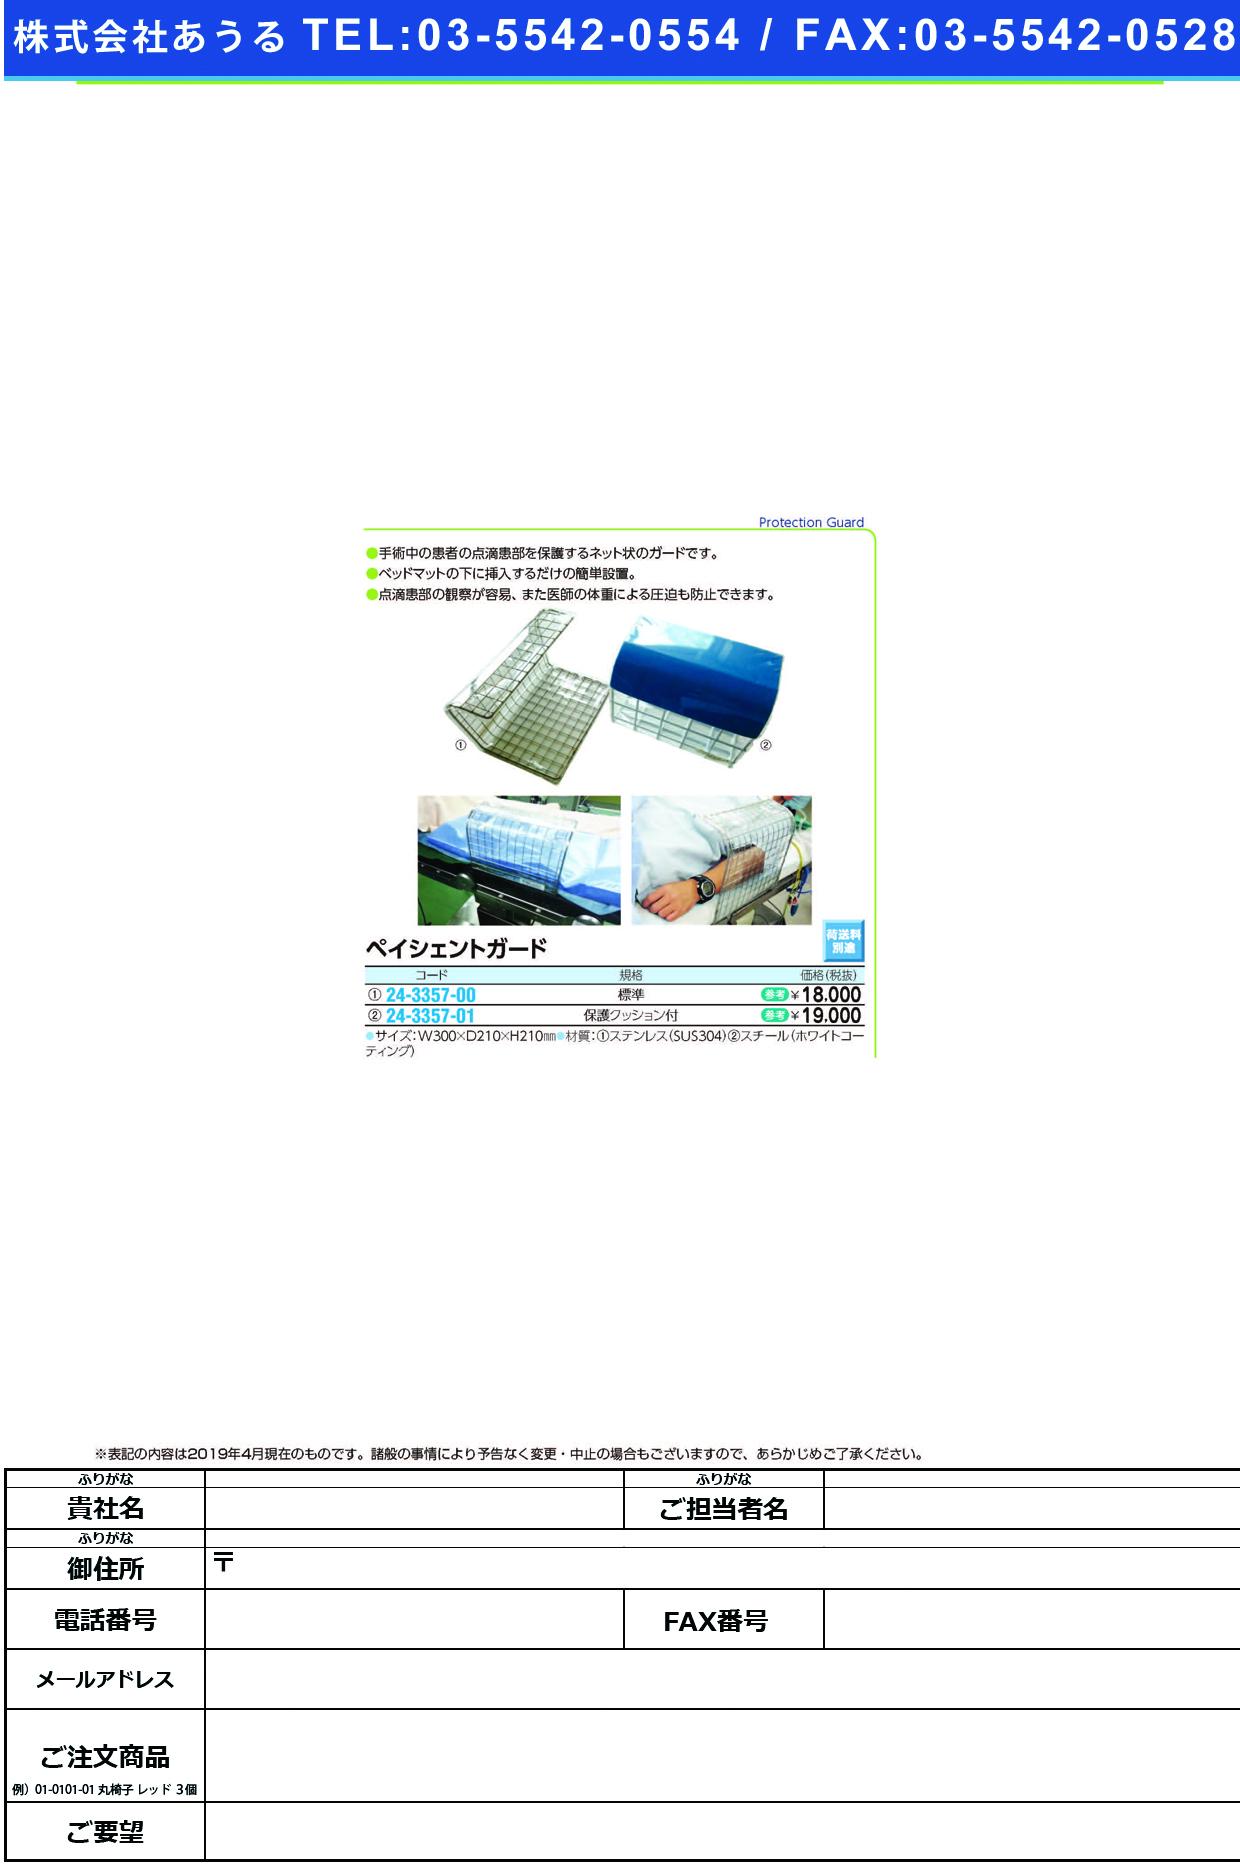 (24-3357-00)ペイシェントガード(ステンレス製) W300XD210XH210MM ペイシェントガード【1個単位】【2019年カタログ商品】